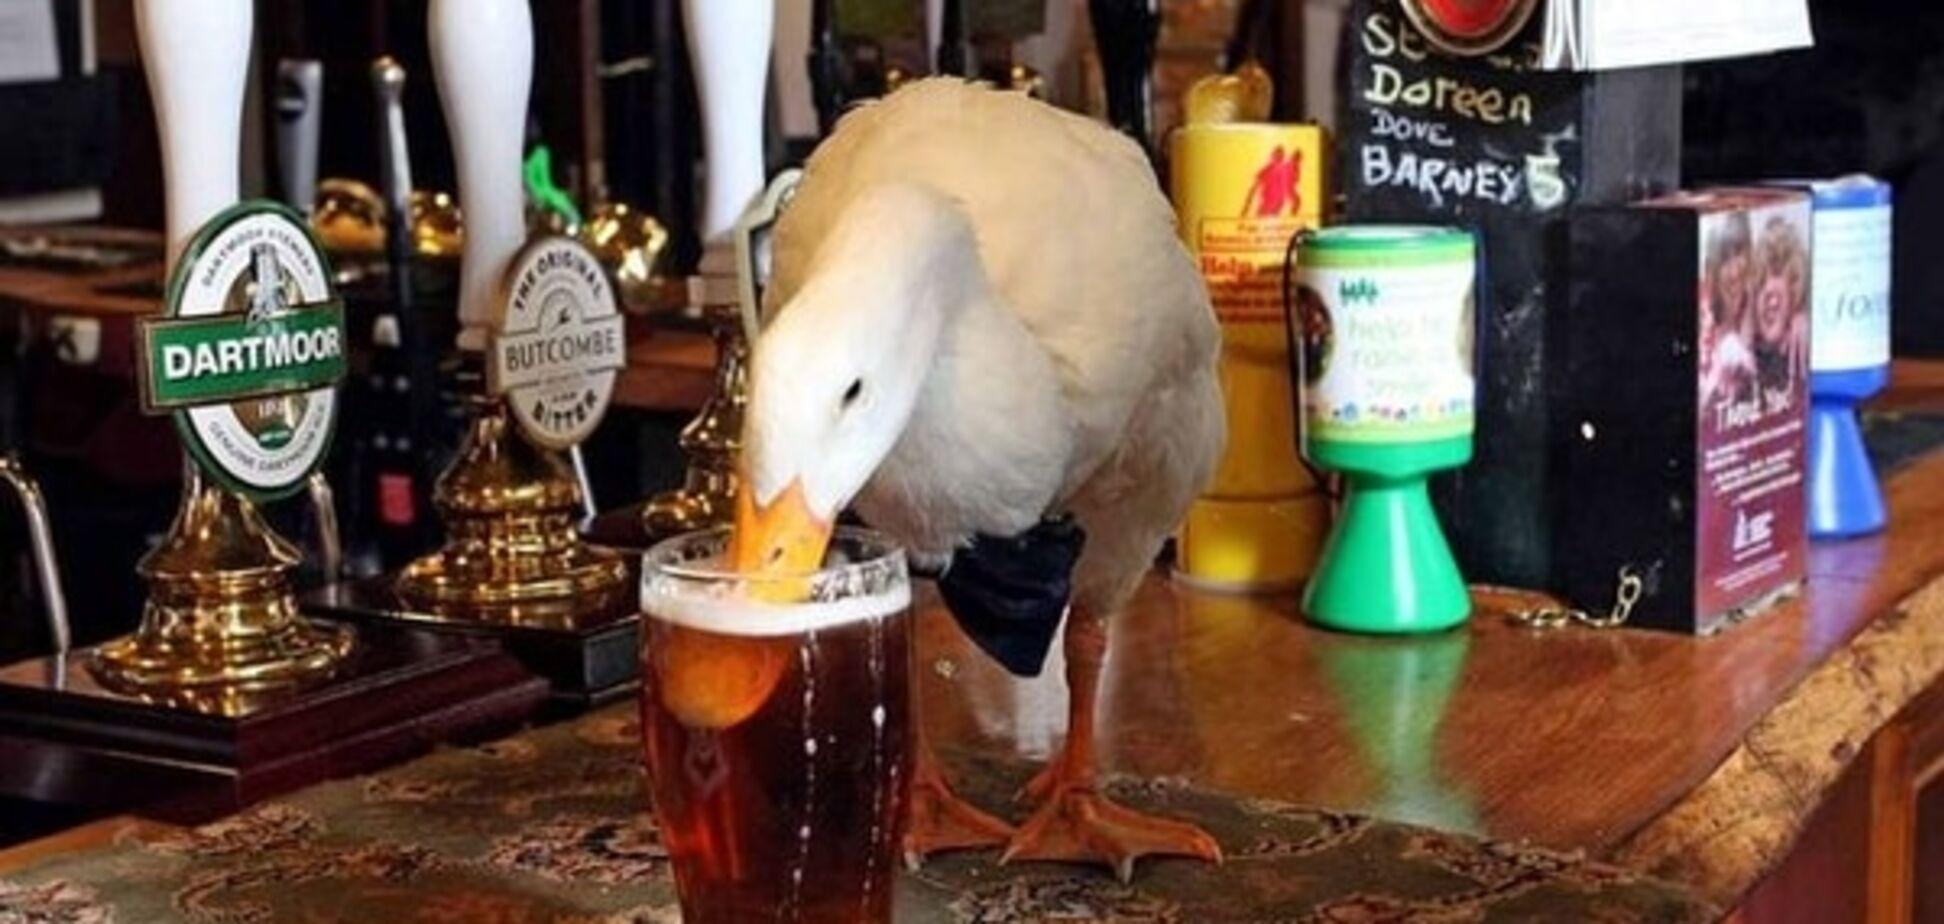 И такое бывает: в британском баре пьяная утка подралась с собакой